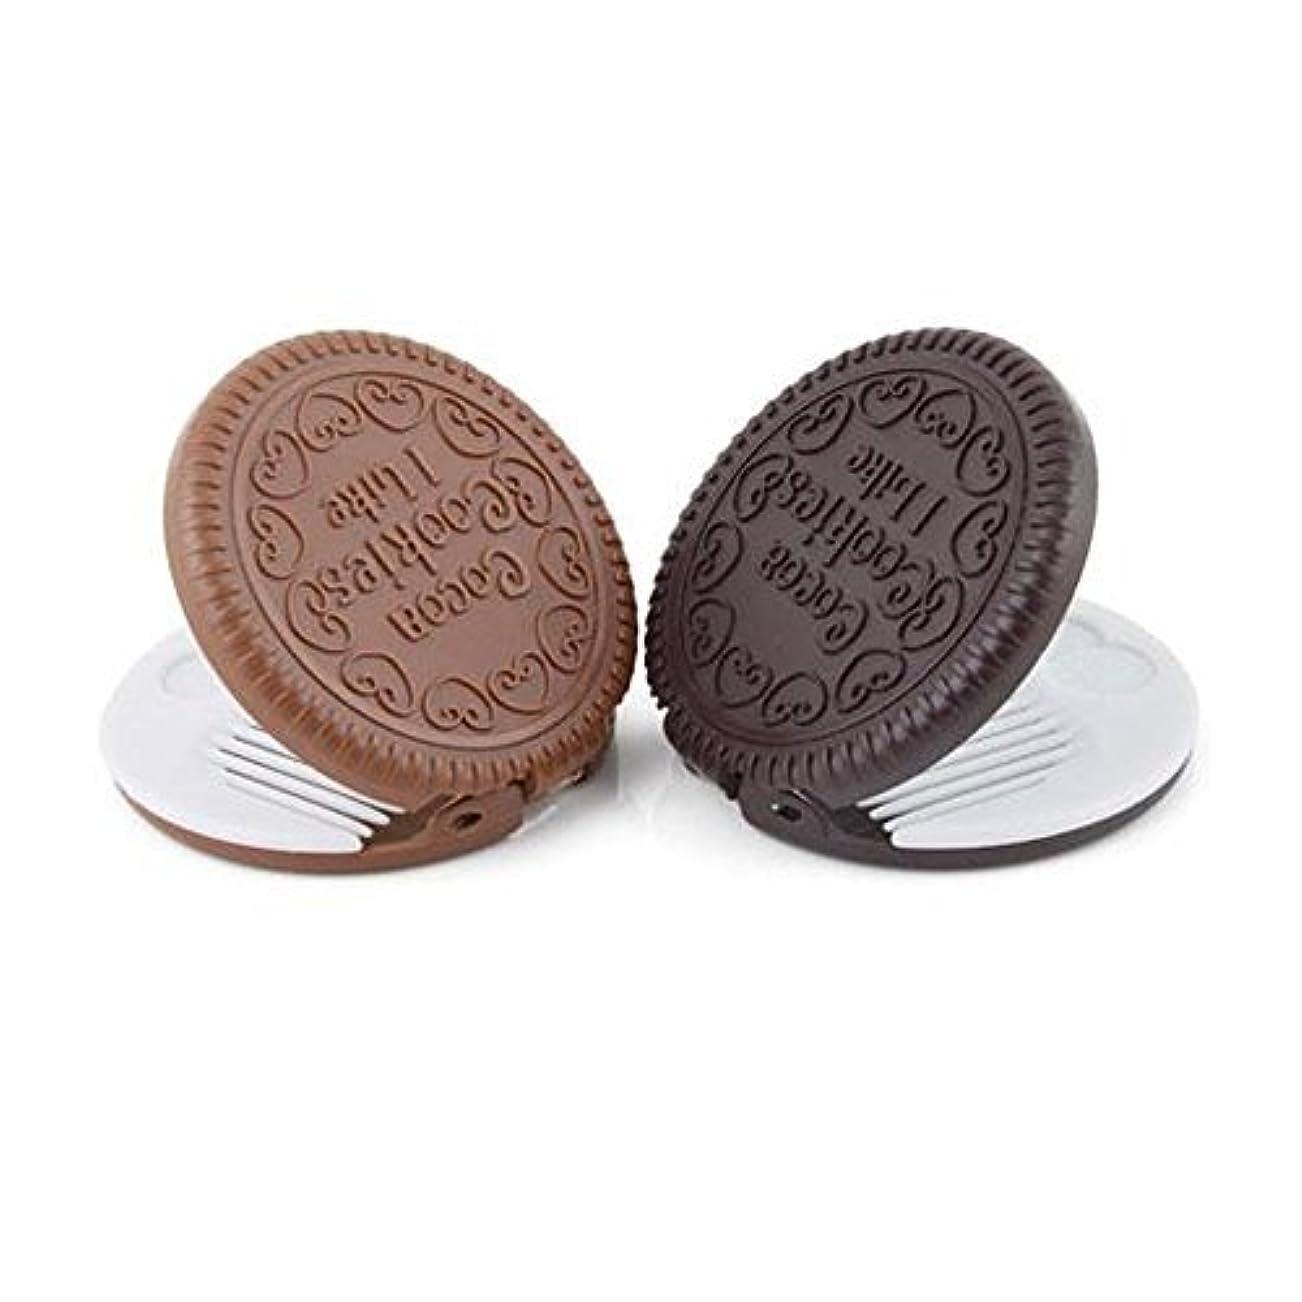 反動通常とは異なりyueton Pack of 2 Mini Pocket Chocolate Cookie Compact Mirror with Comb [並行輸入品]